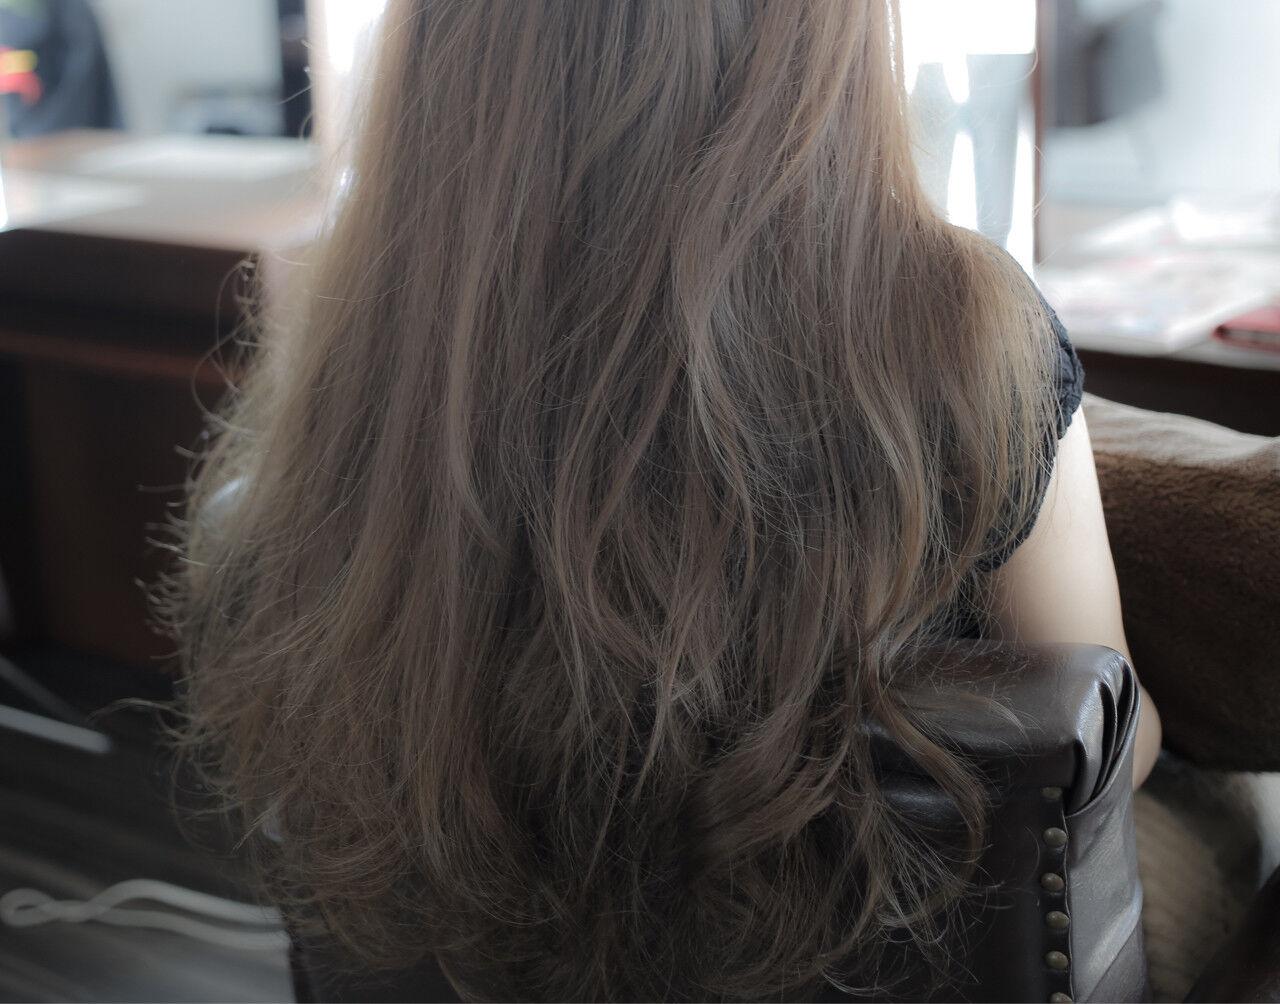 グレージュ ロング ナチュラル アッシュヘアスタイルや髪型の写真・画像